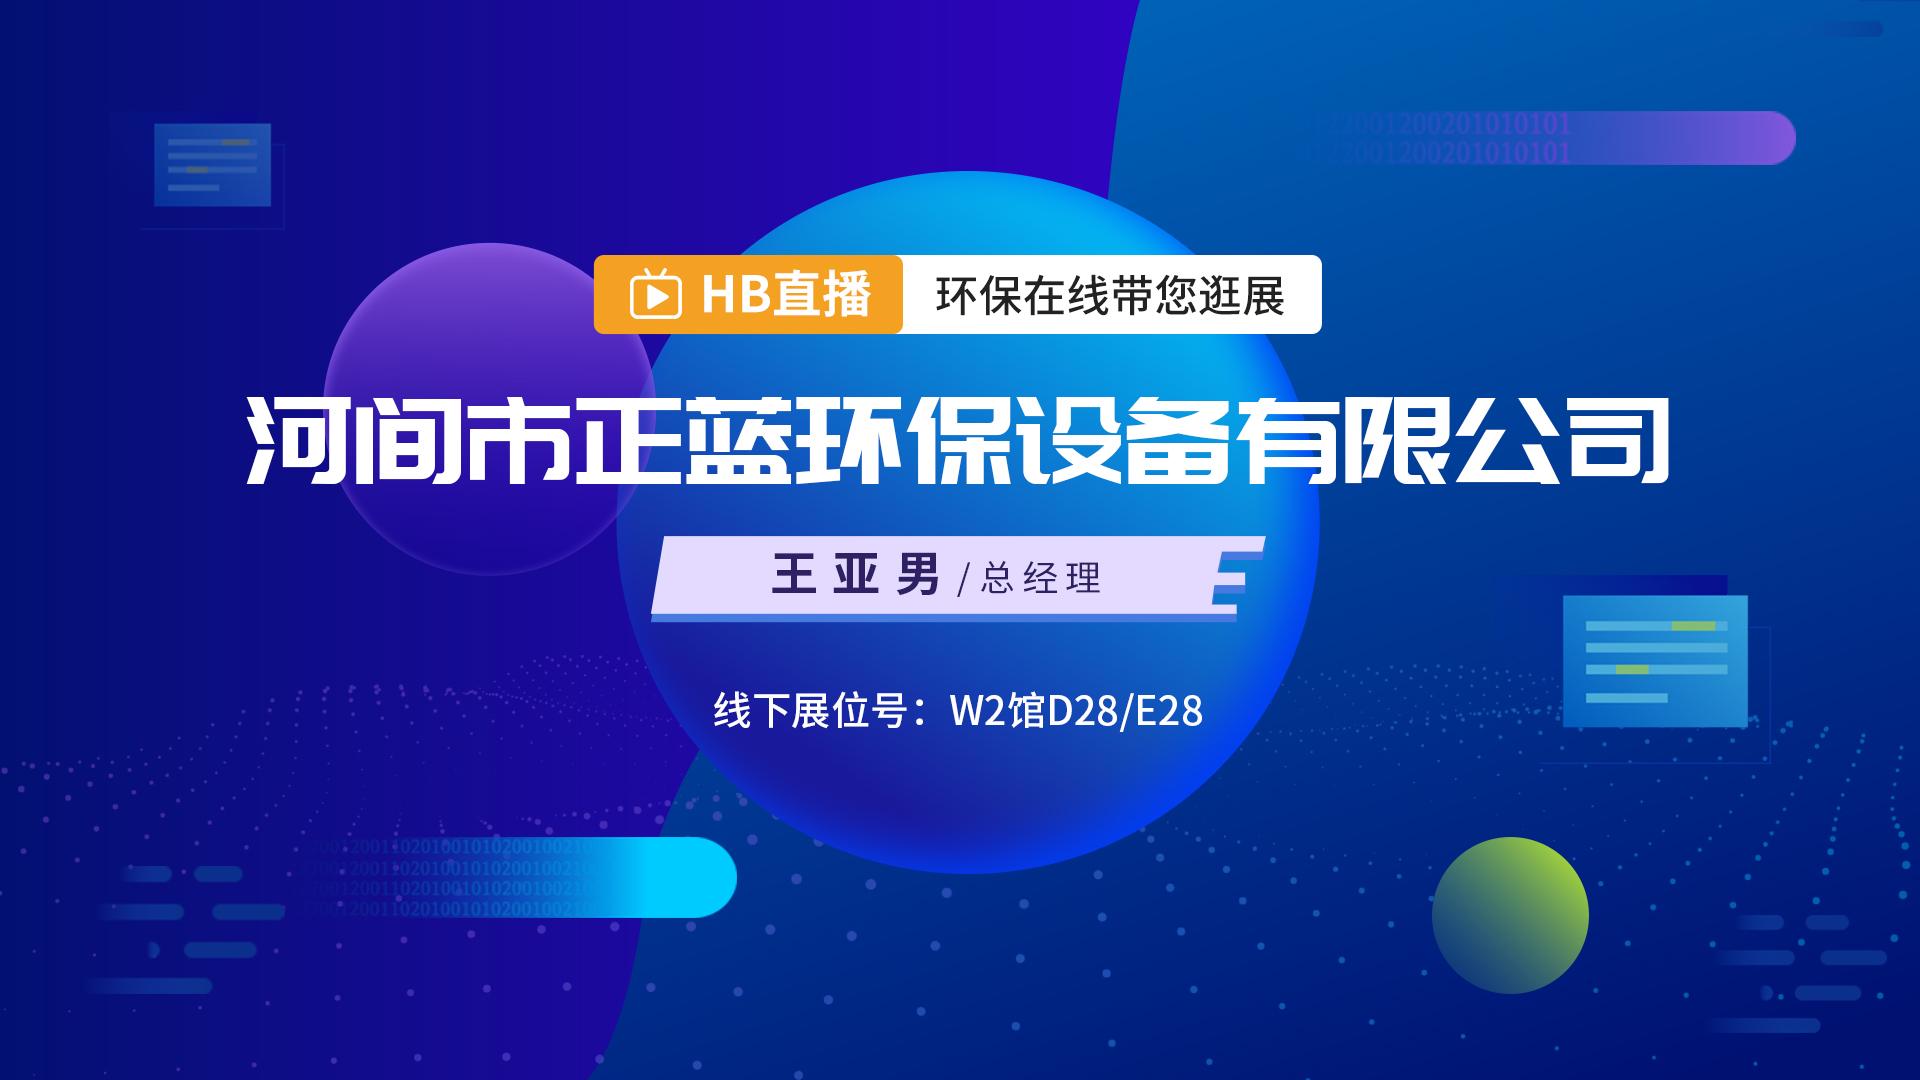 正蓝环保邀您相约中国环博会 展台坐标E6馆C68